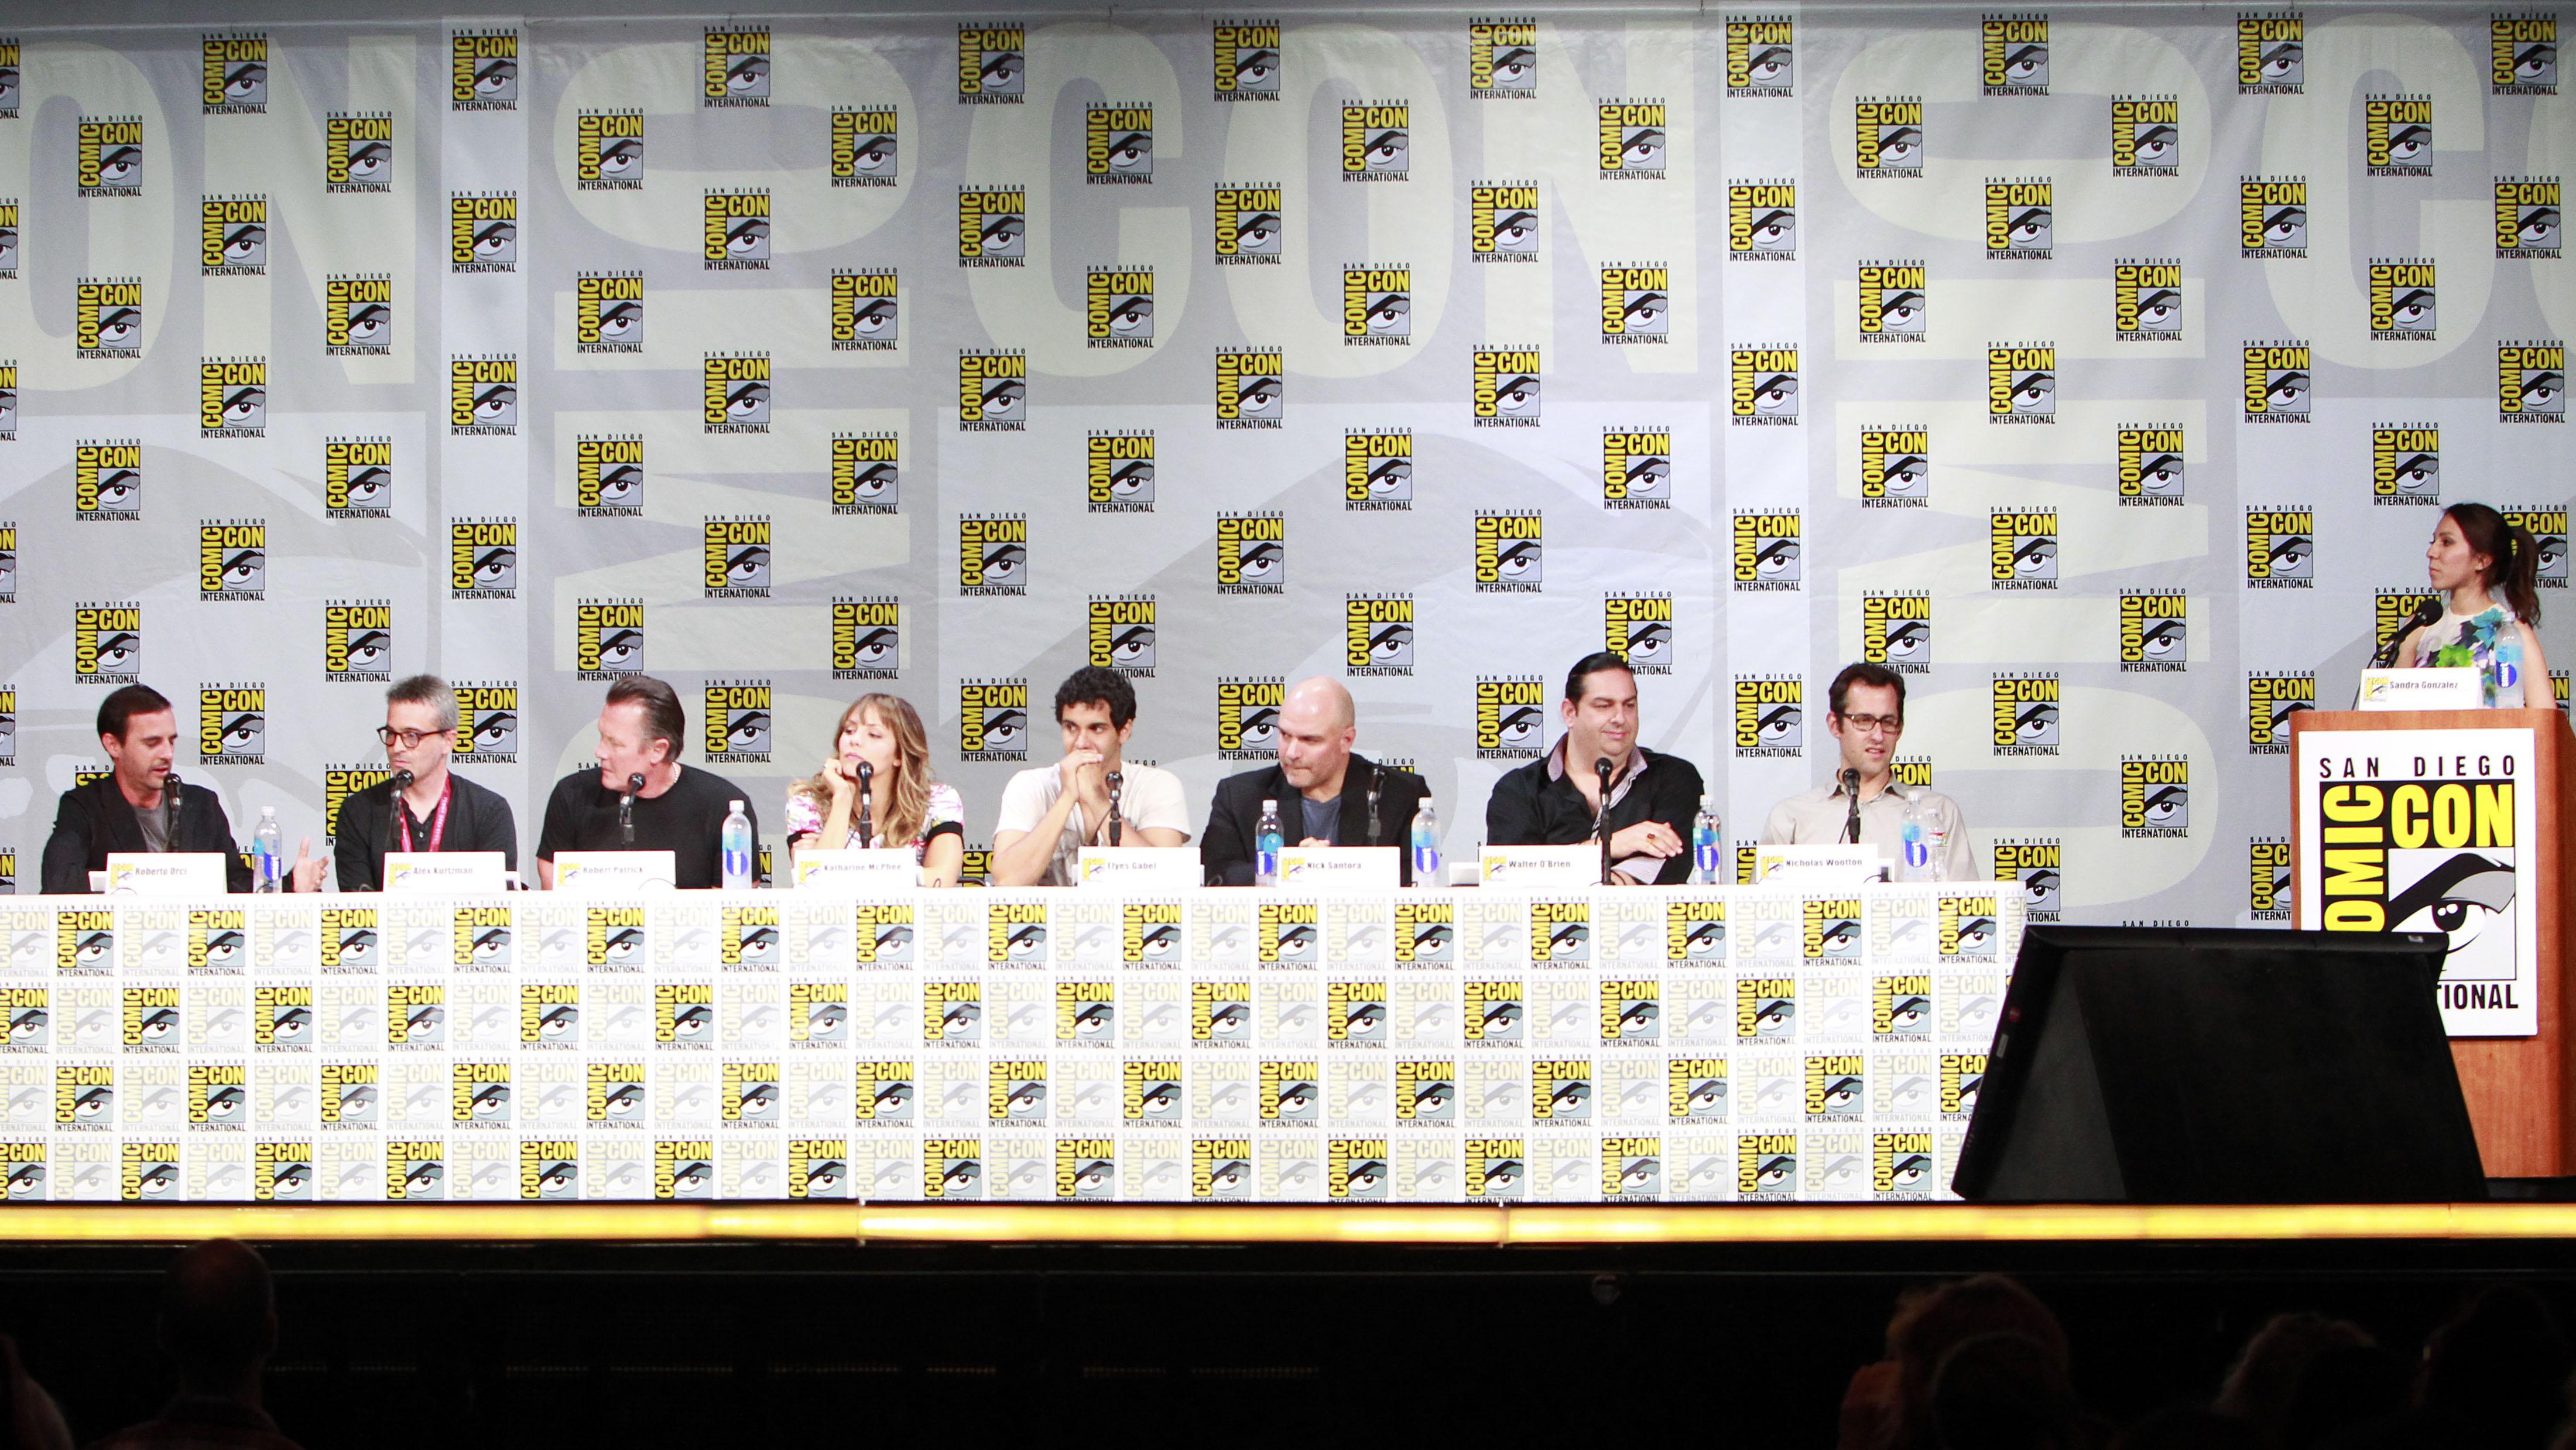 The Scorpion Comic-Con Panel